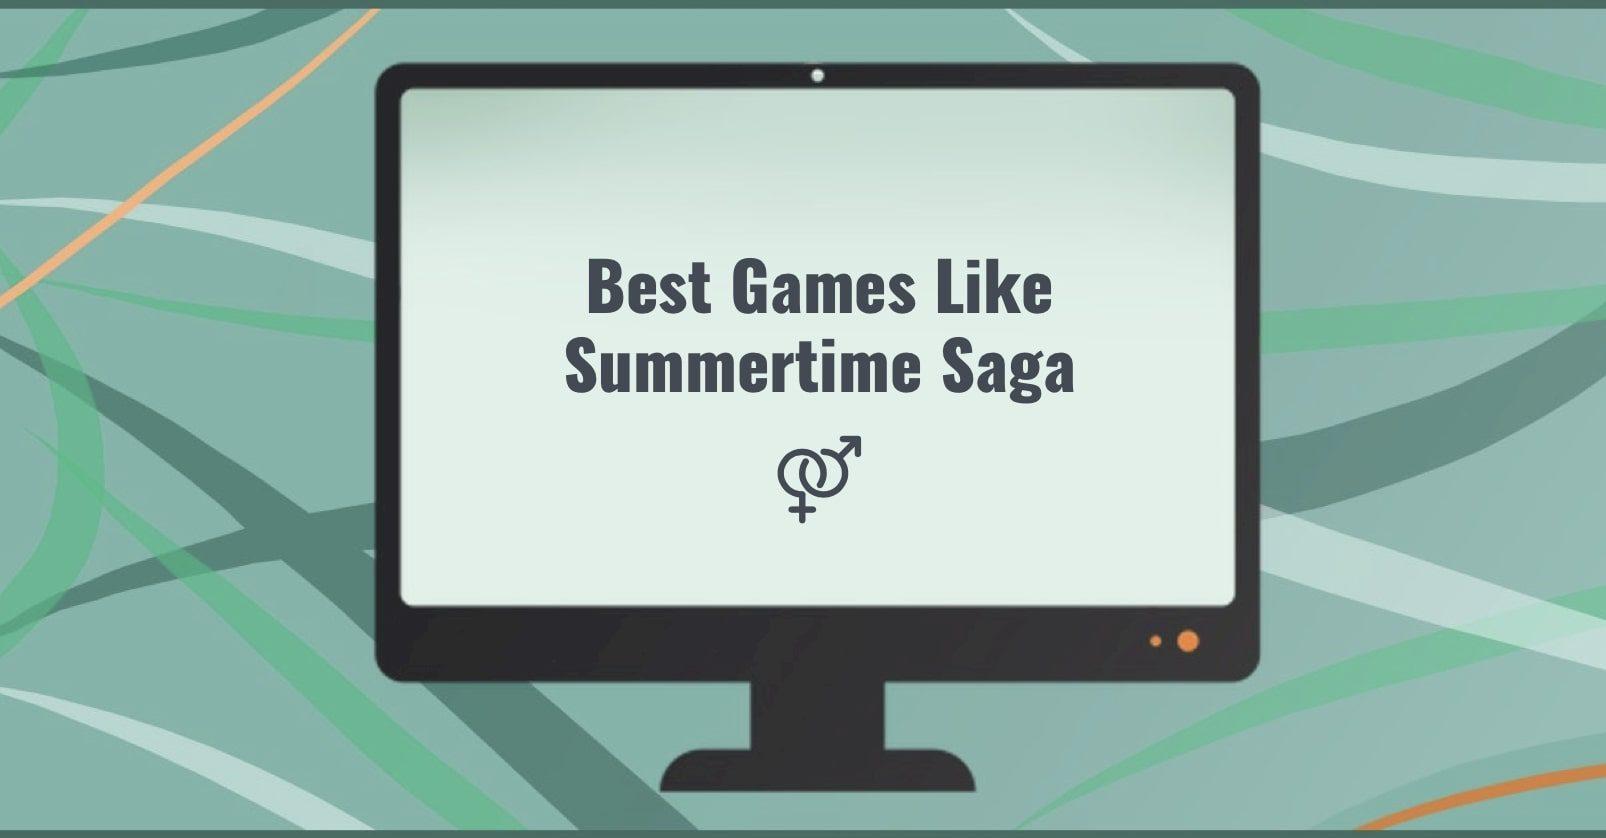 Best Games Like Summertime Saga